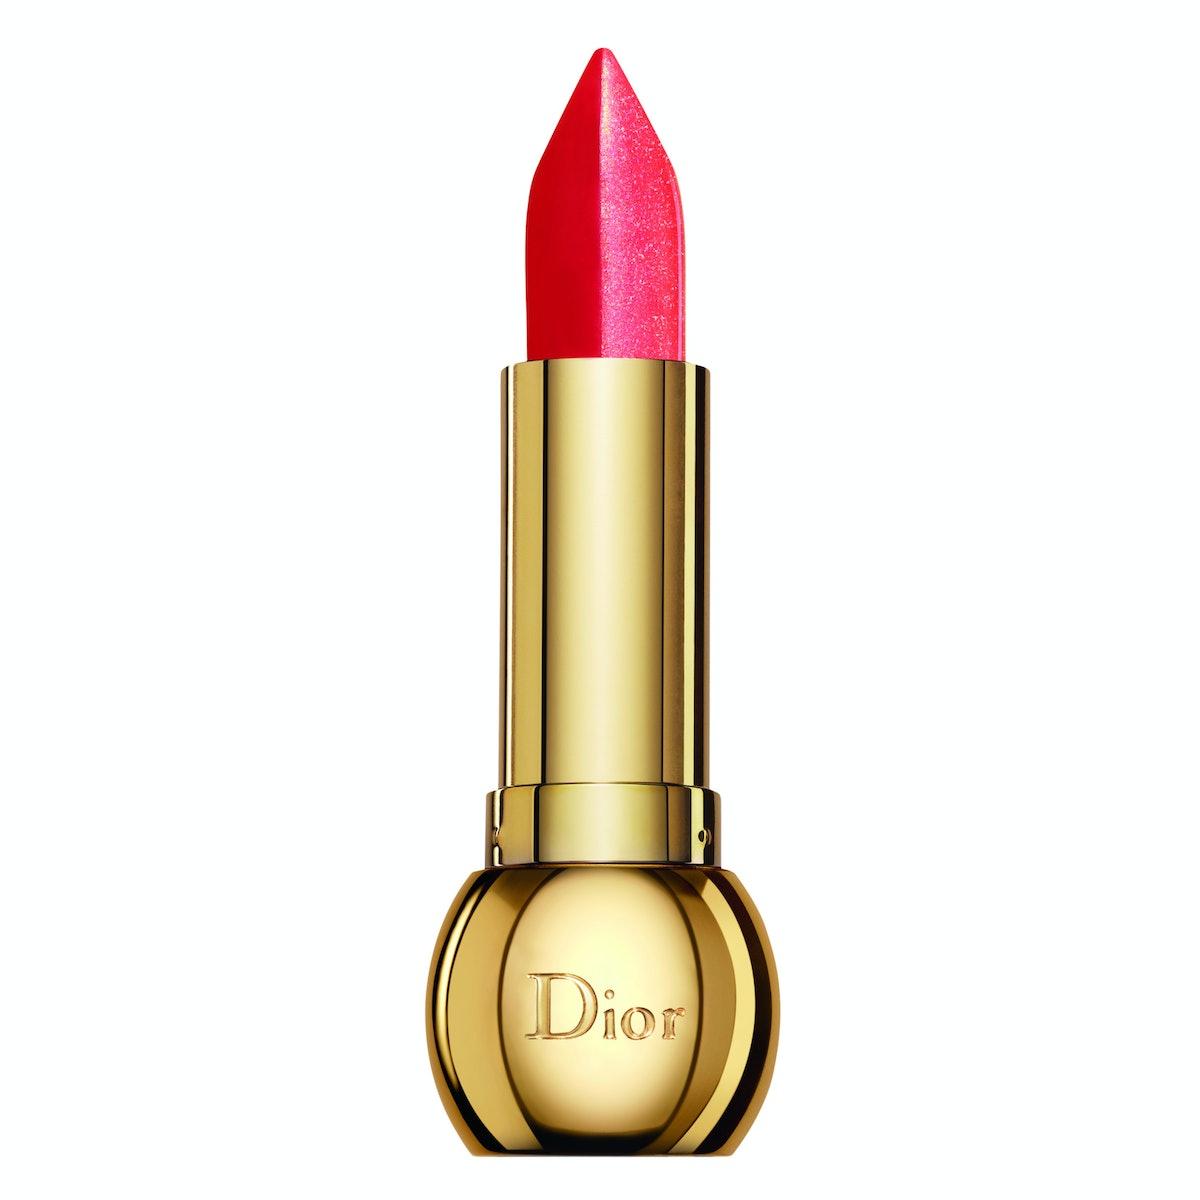 Dior Diorific Golden Shock Colour Lip Duo in Passion Shock